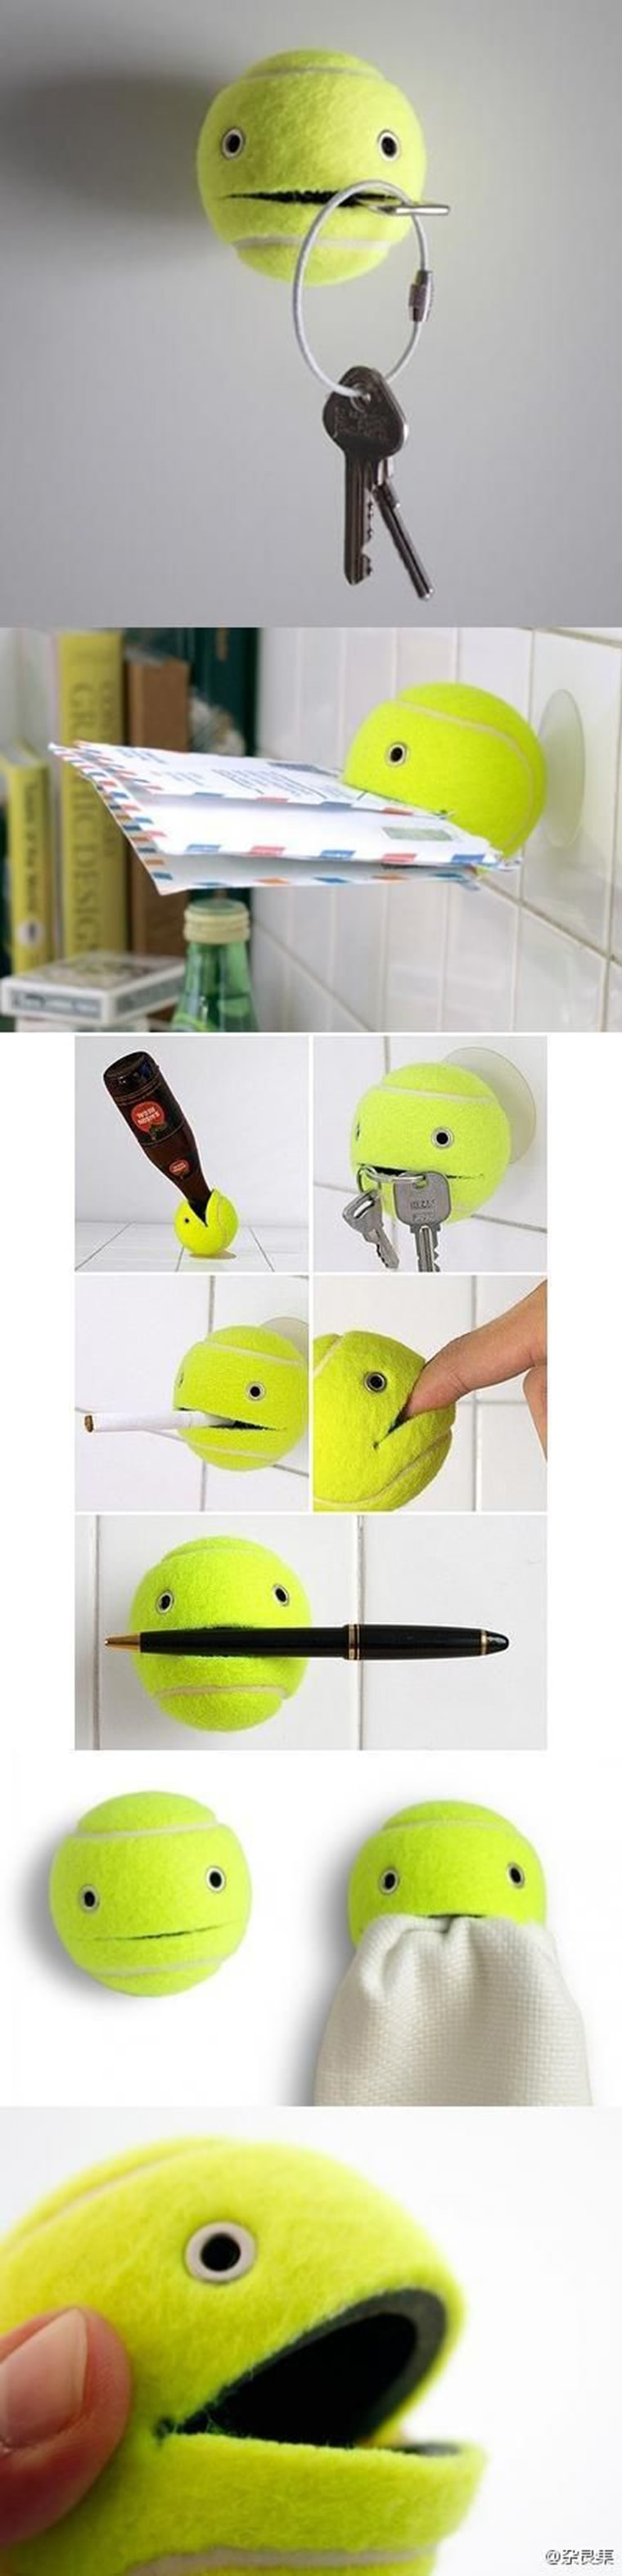 gadget balle de tennis